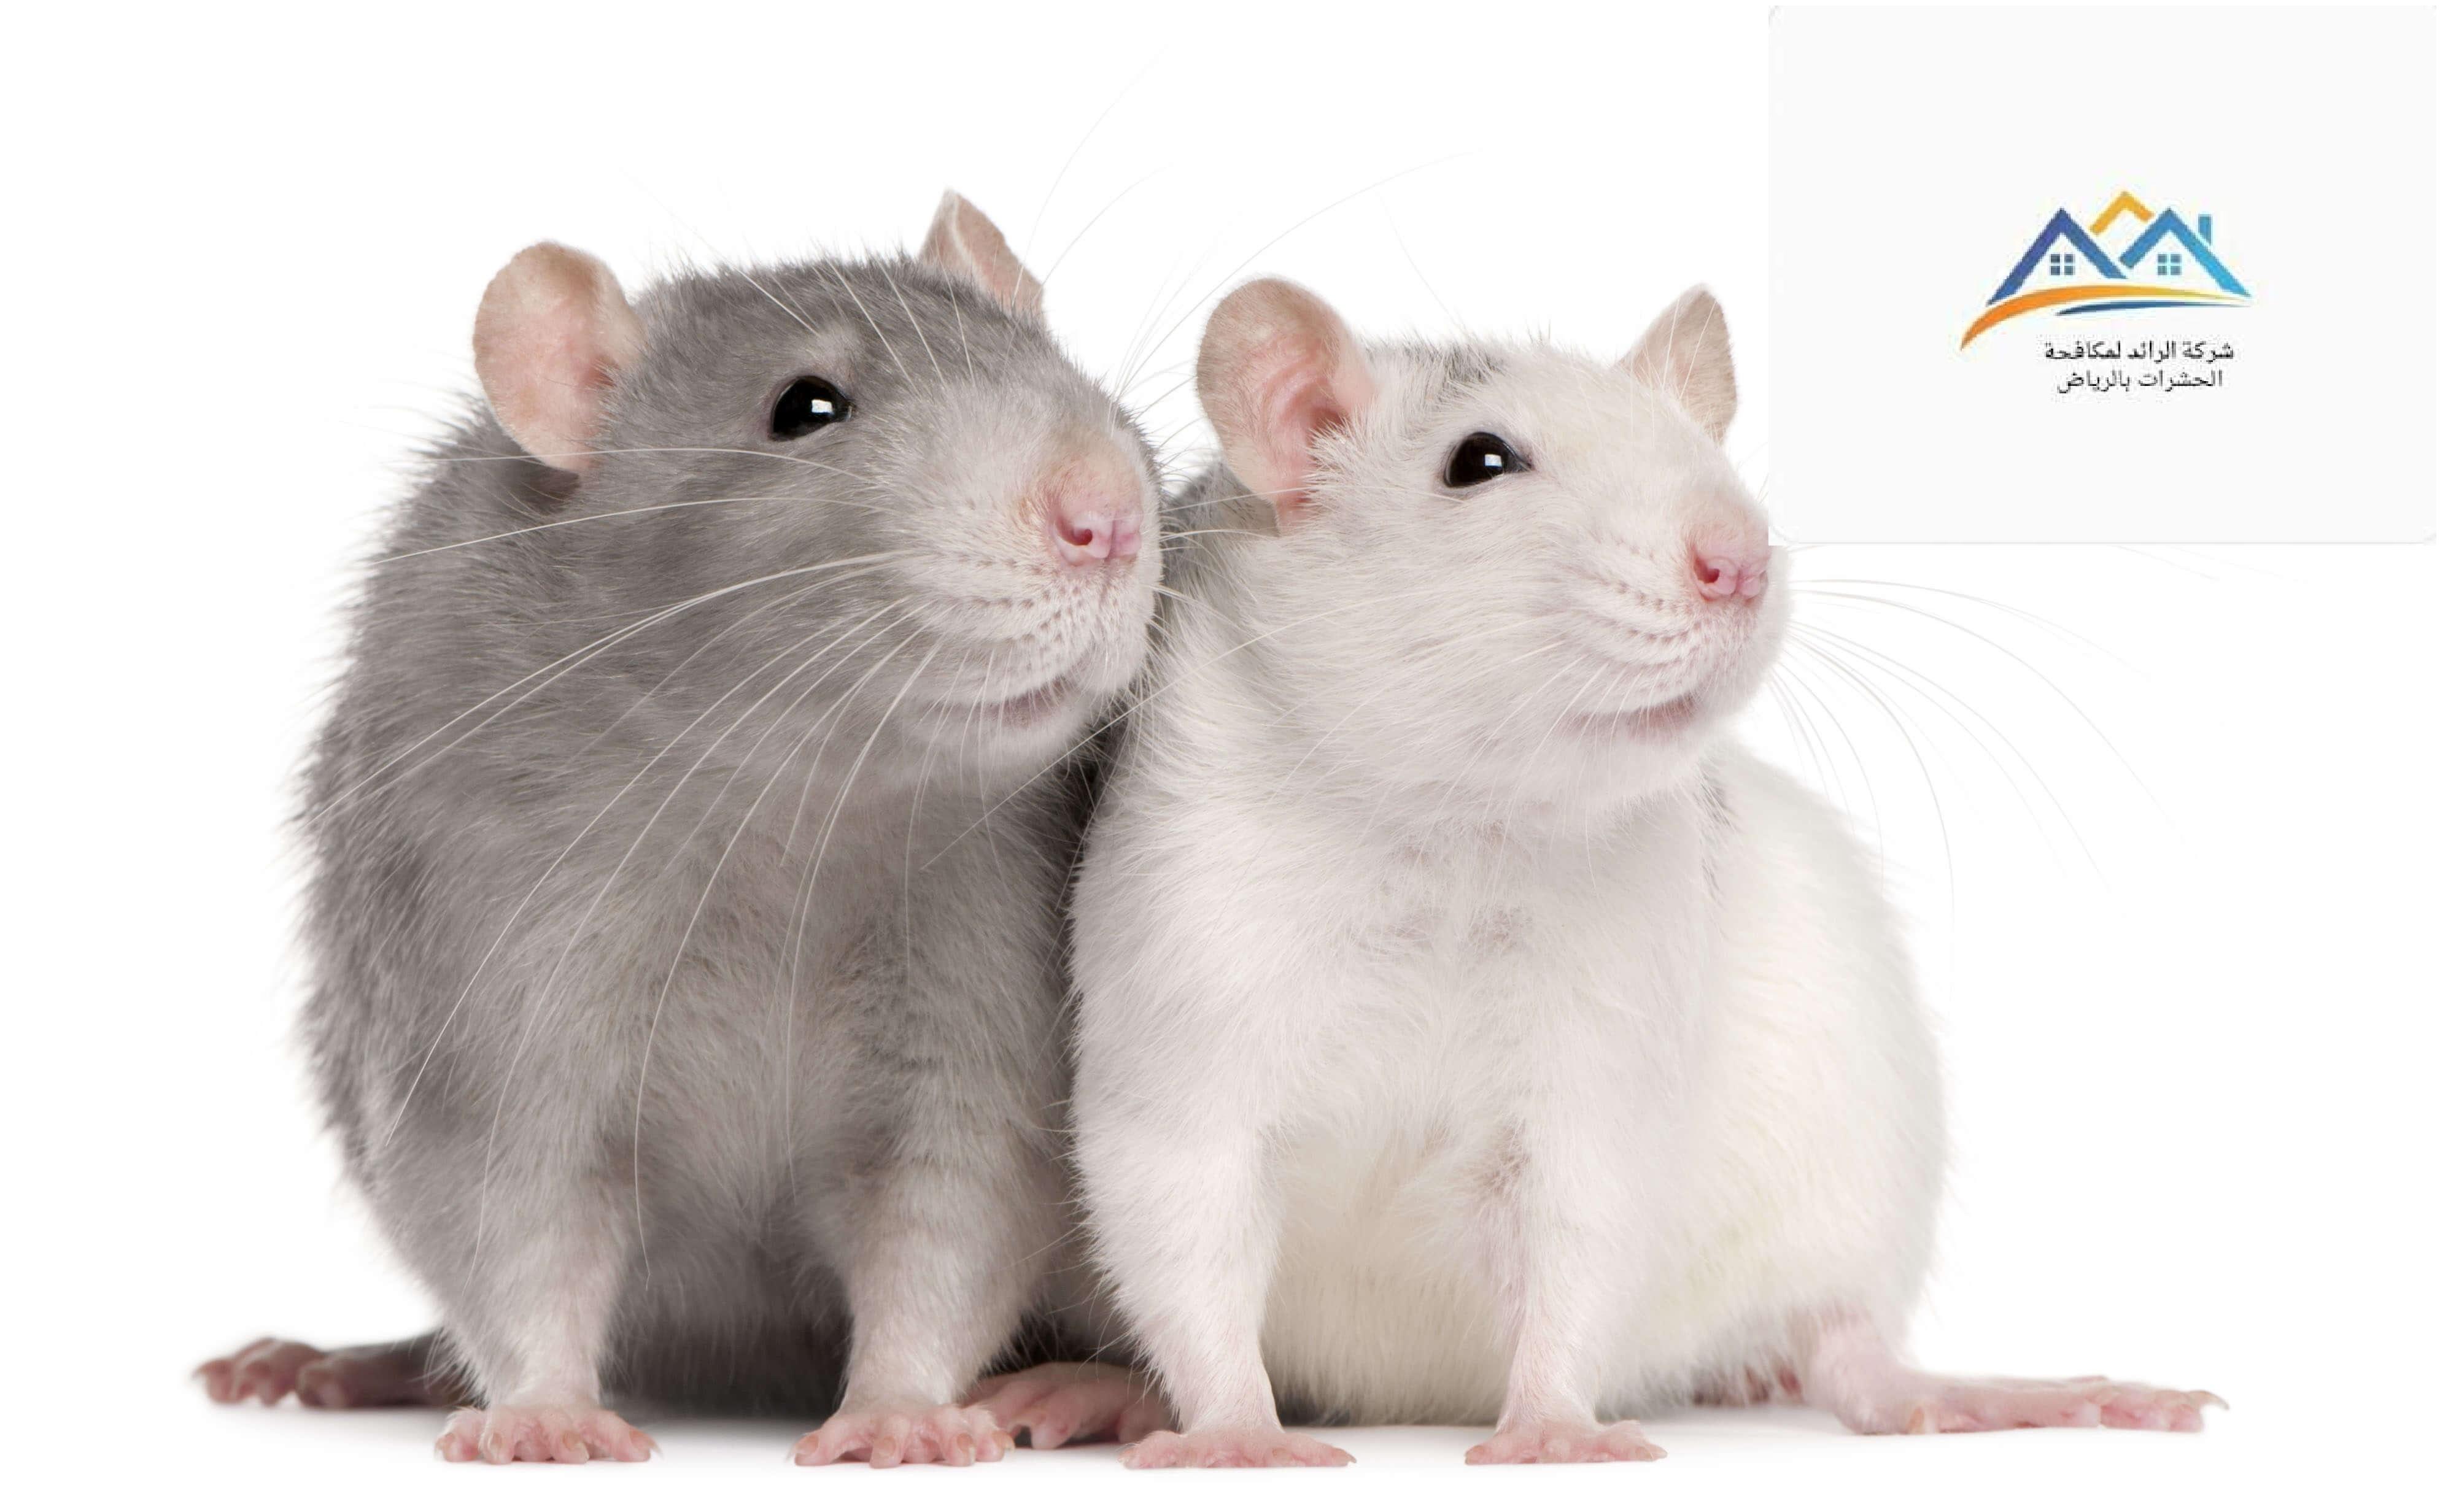 شركة مكافحة الفئران بالدمام11 - شركة مكافحة حشرات بالرياض